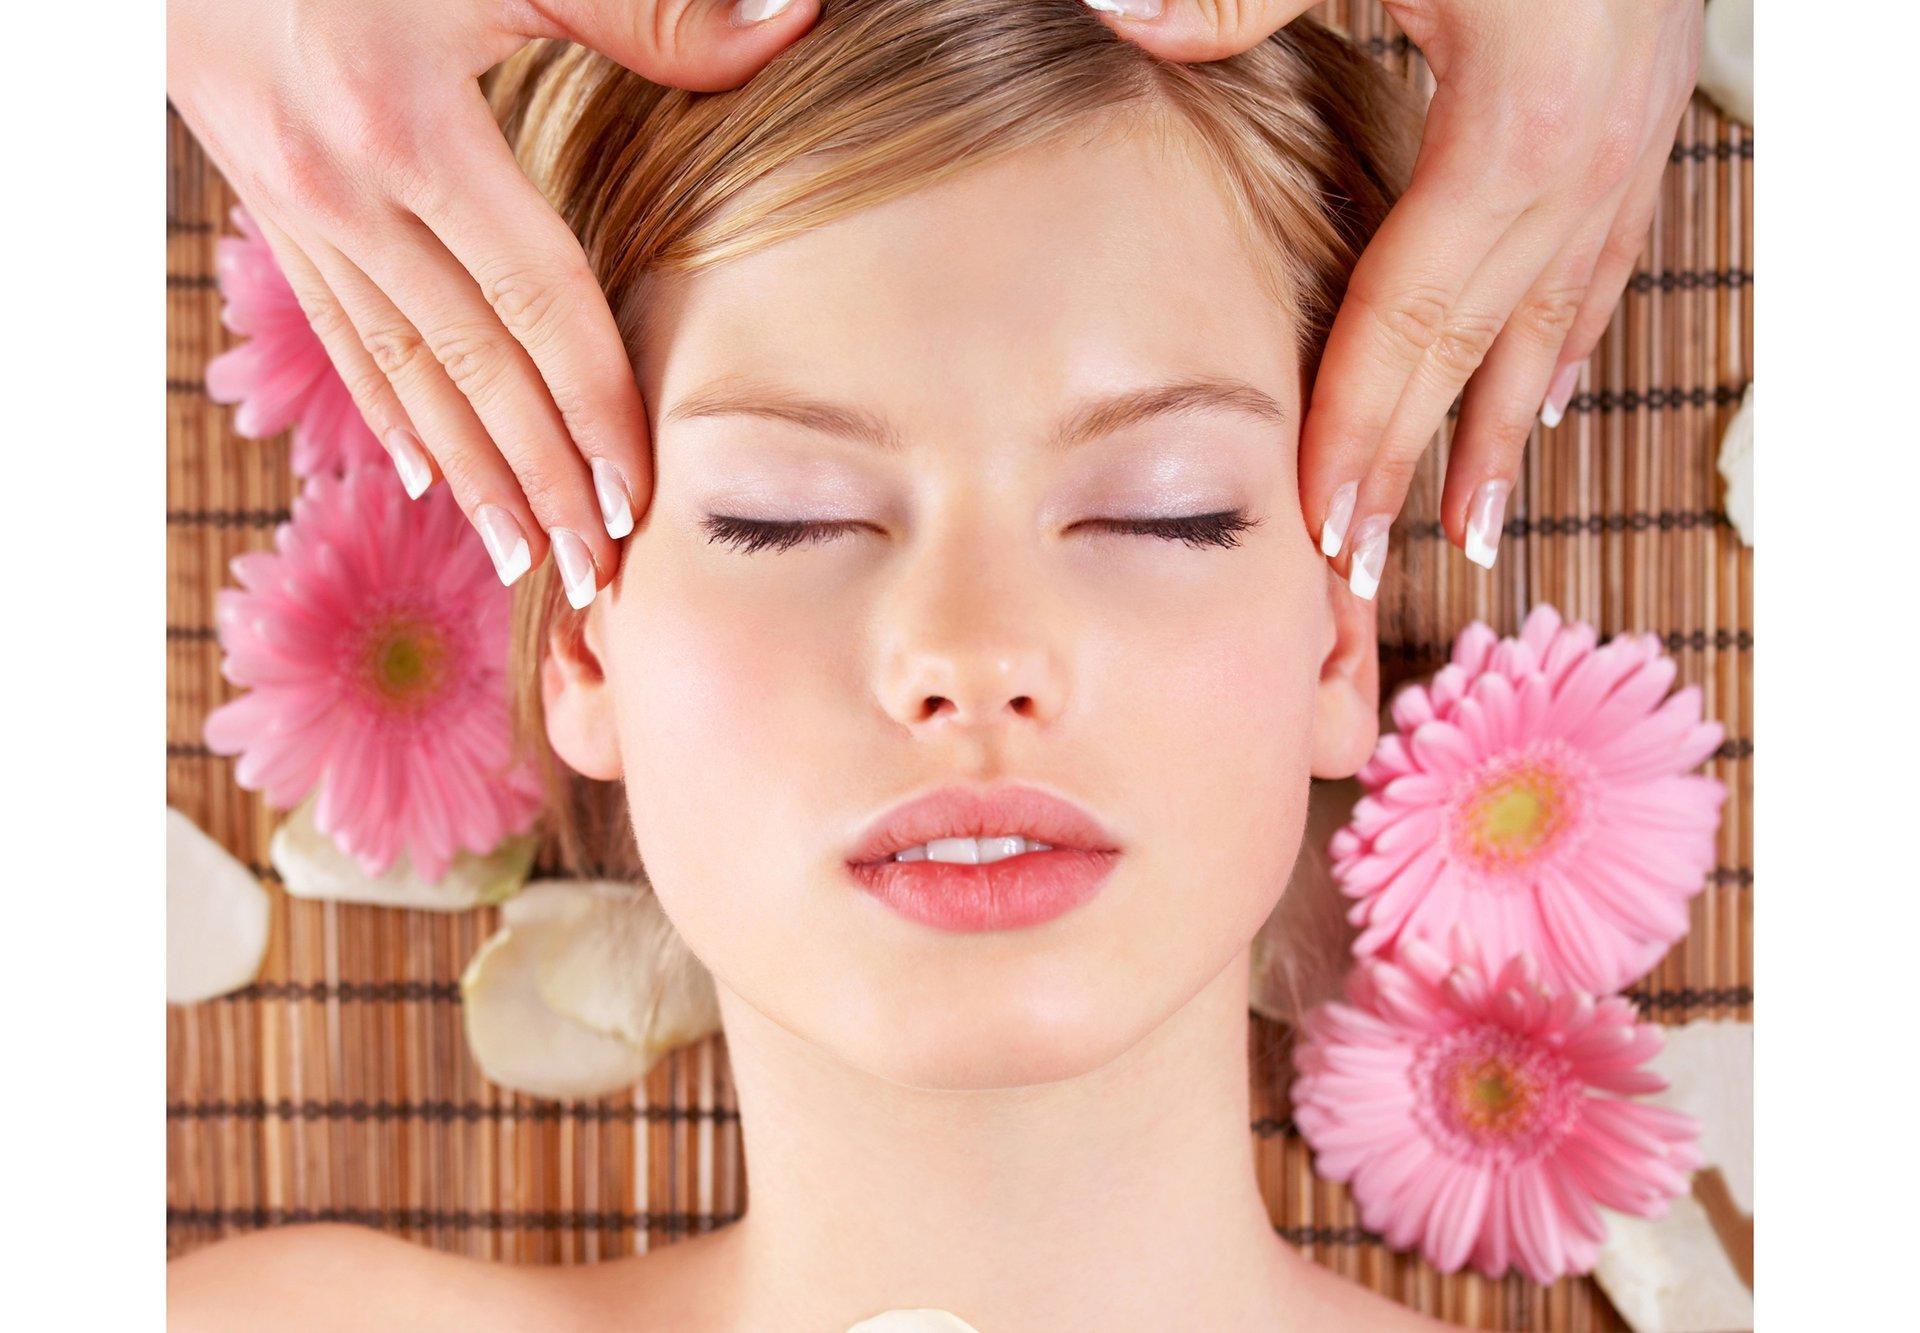 due foto di una ragazza con capelli biondi mossi con una dei fiori rosa in testa